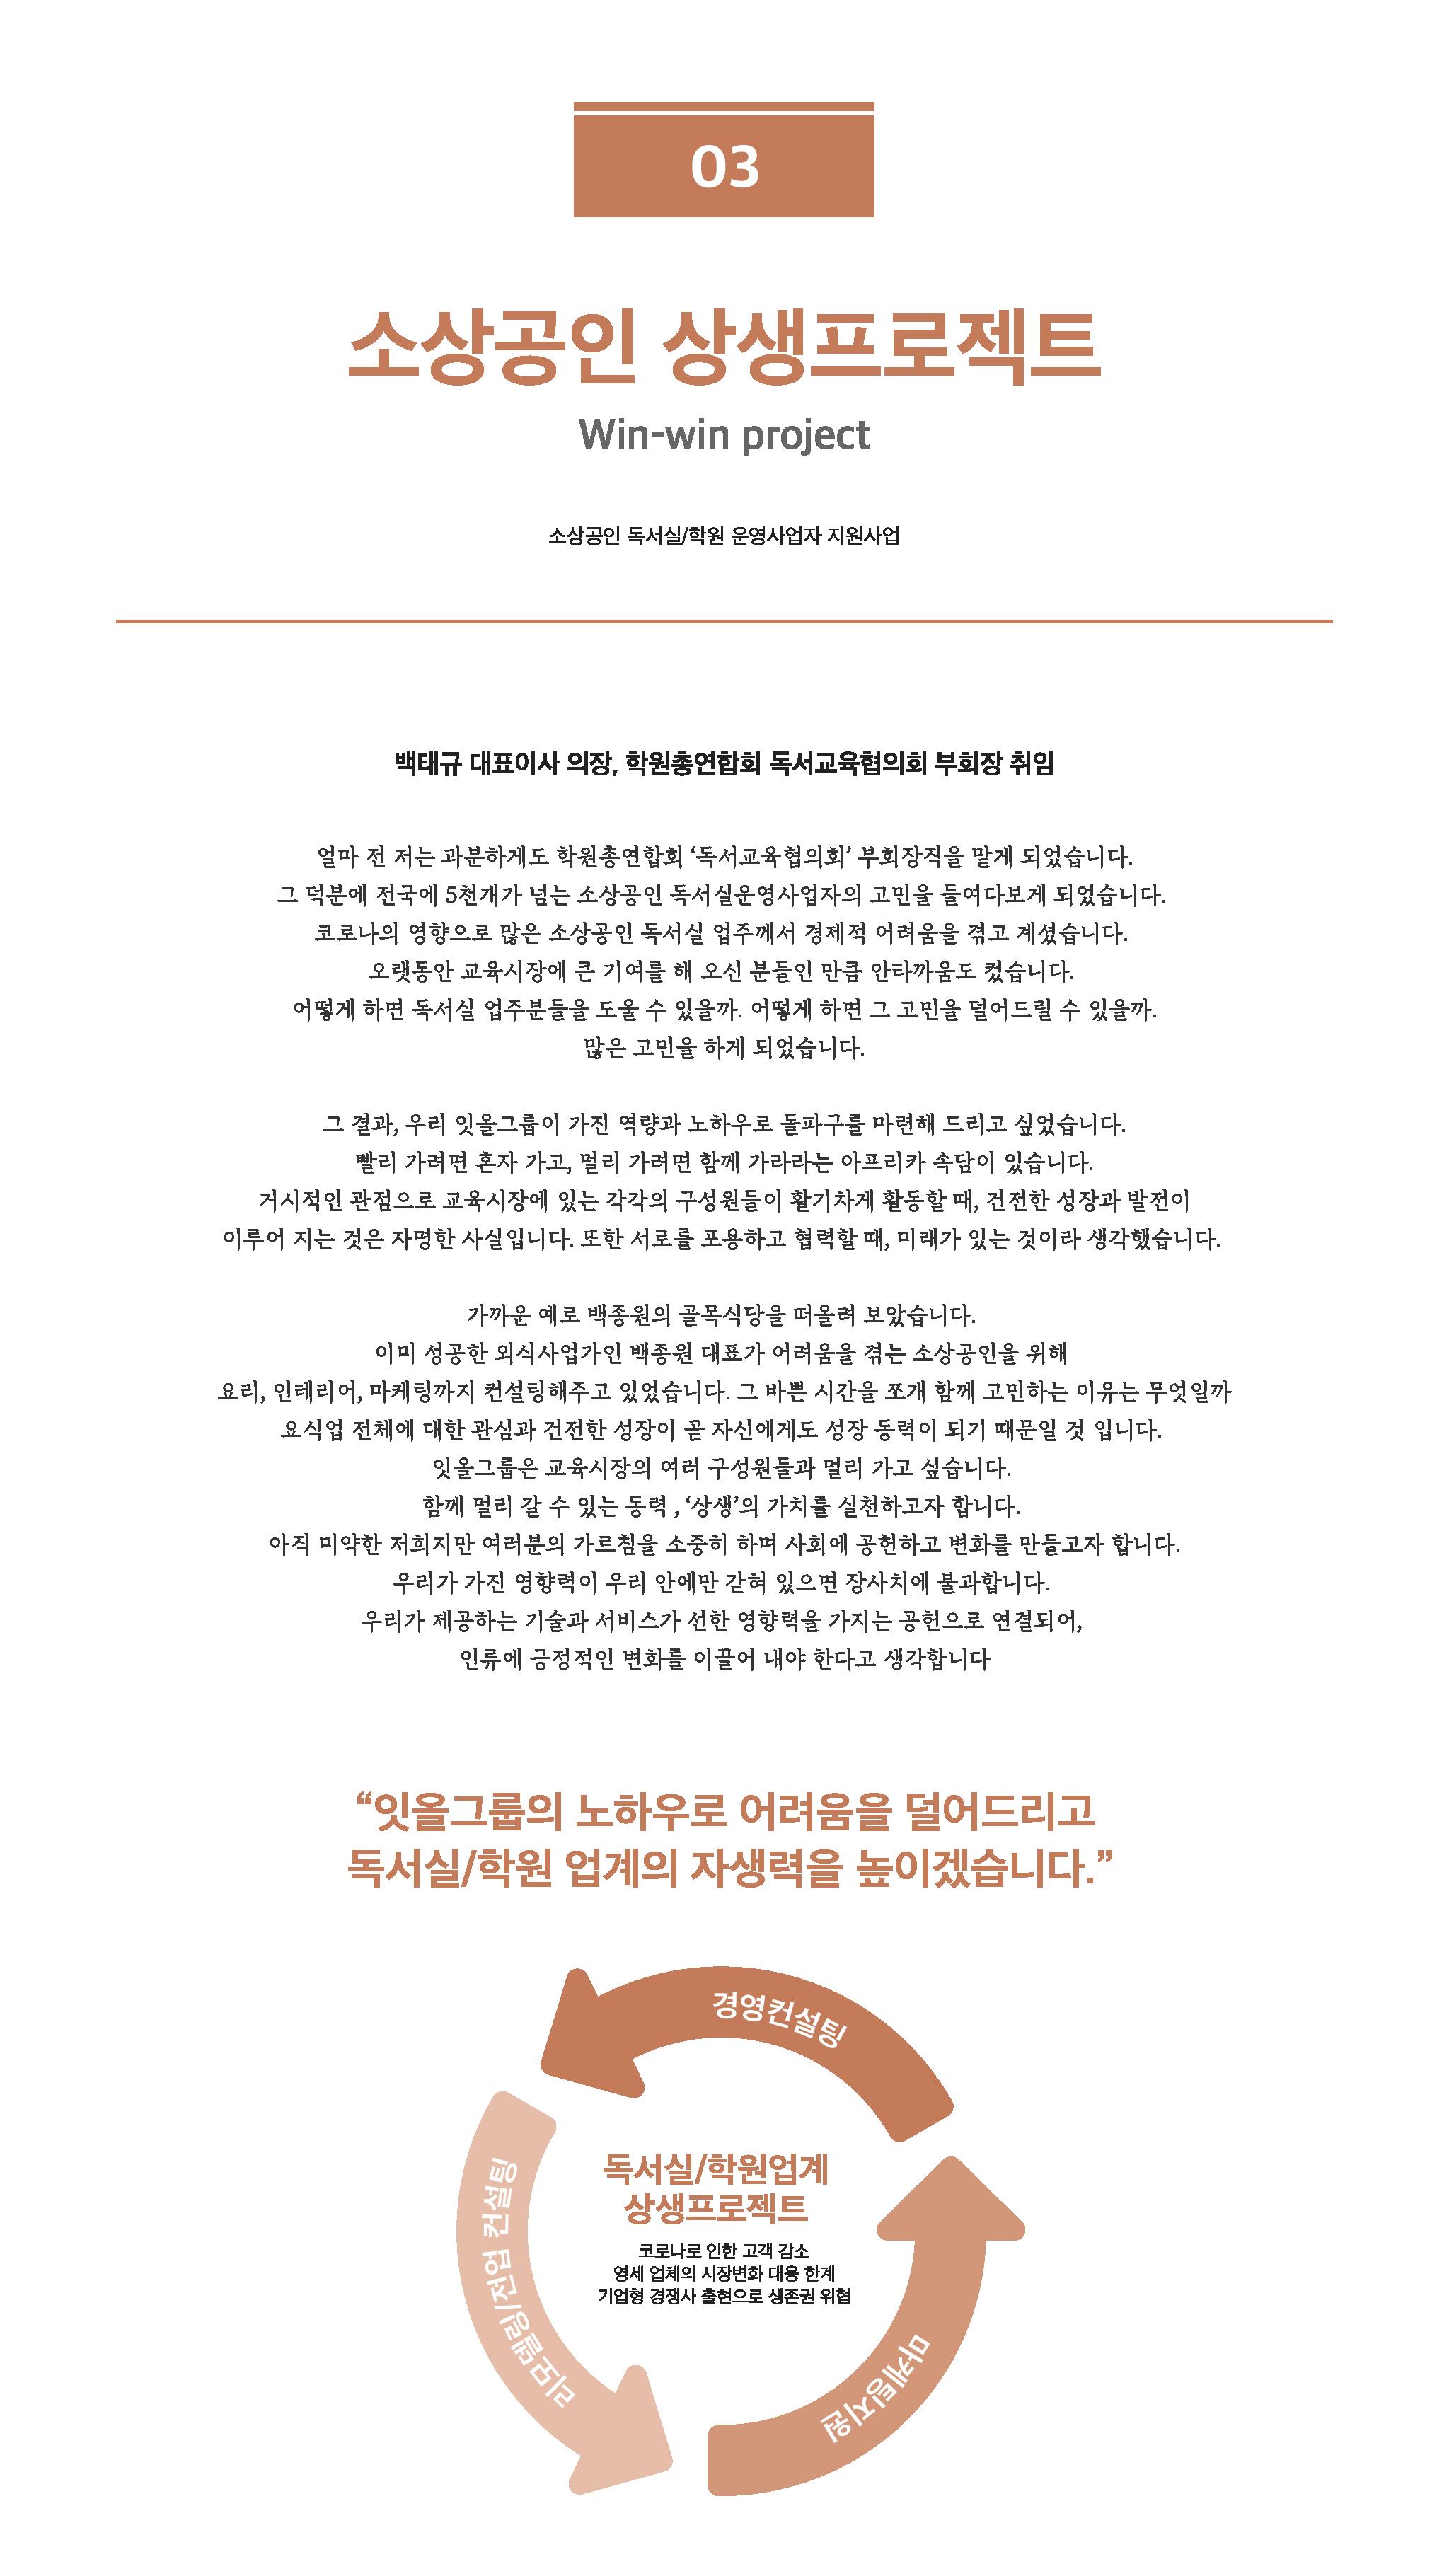 소상공인 상생프로젝트